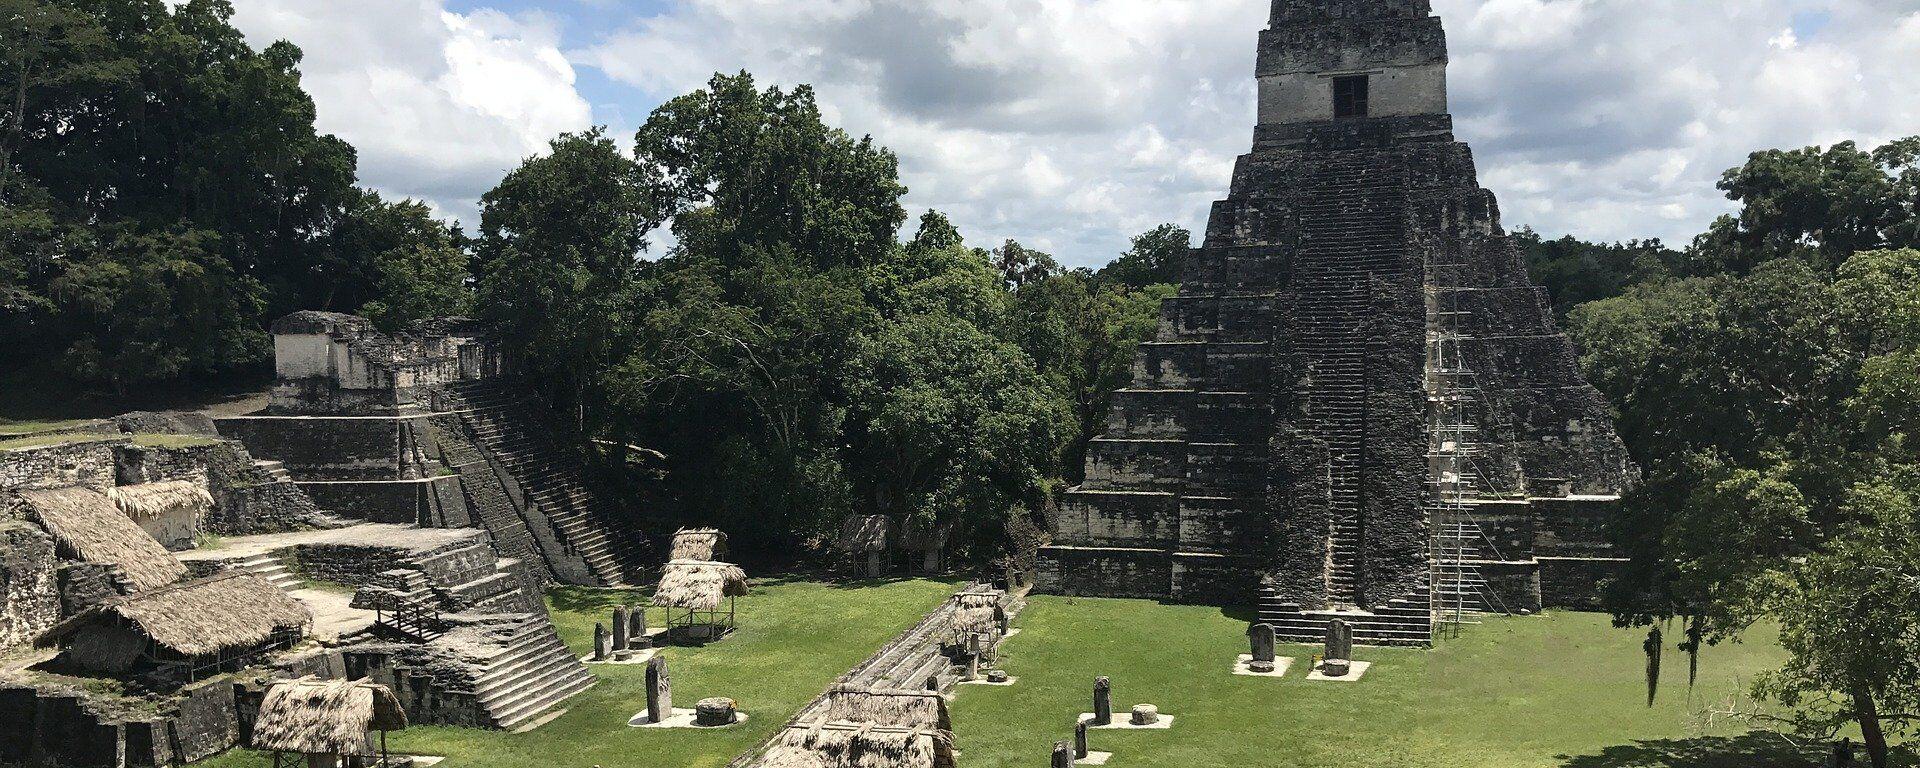 La antigua ciudad maya de Tikal, en Guatemala - Sputnik Mundo, 1920, 23.10.2020